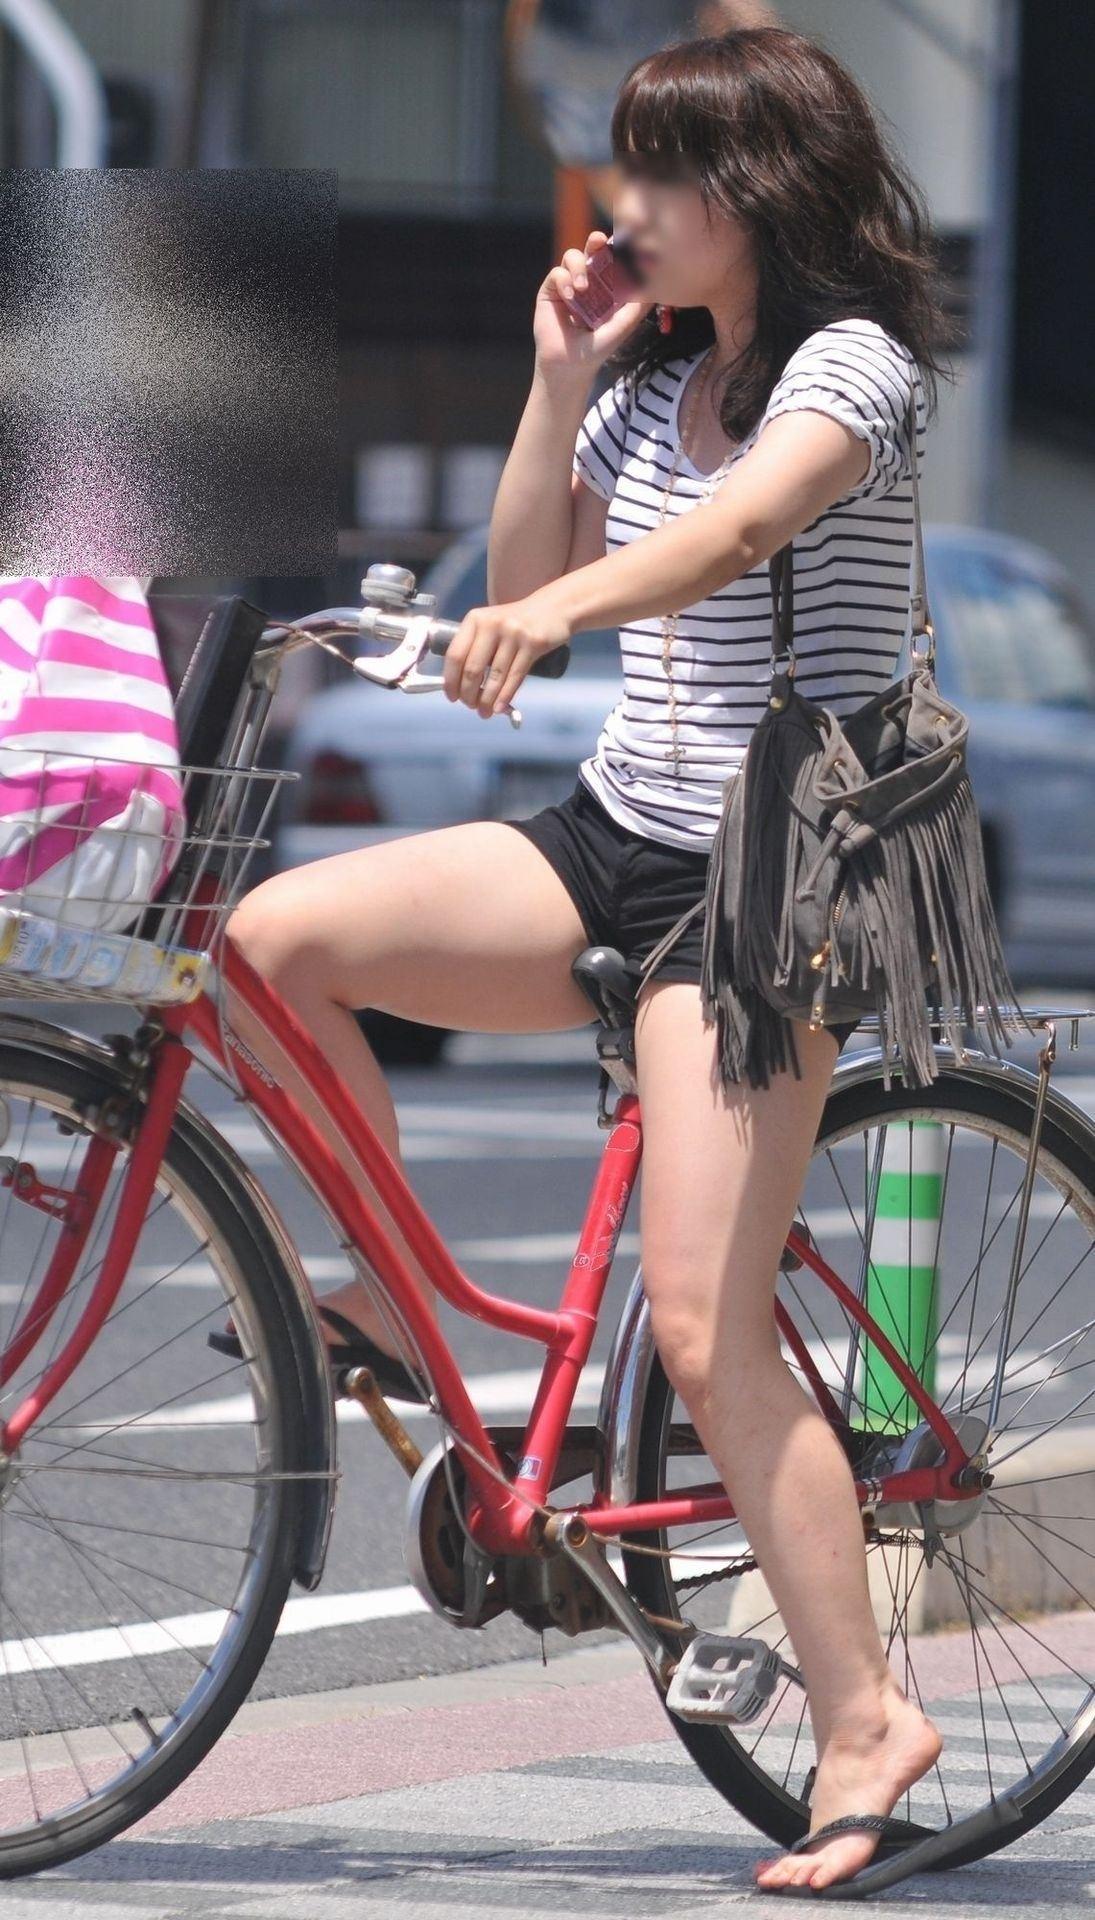 美脚OLの自転車ギリギリ三角パンチラ盗撮エロ画像10枚目